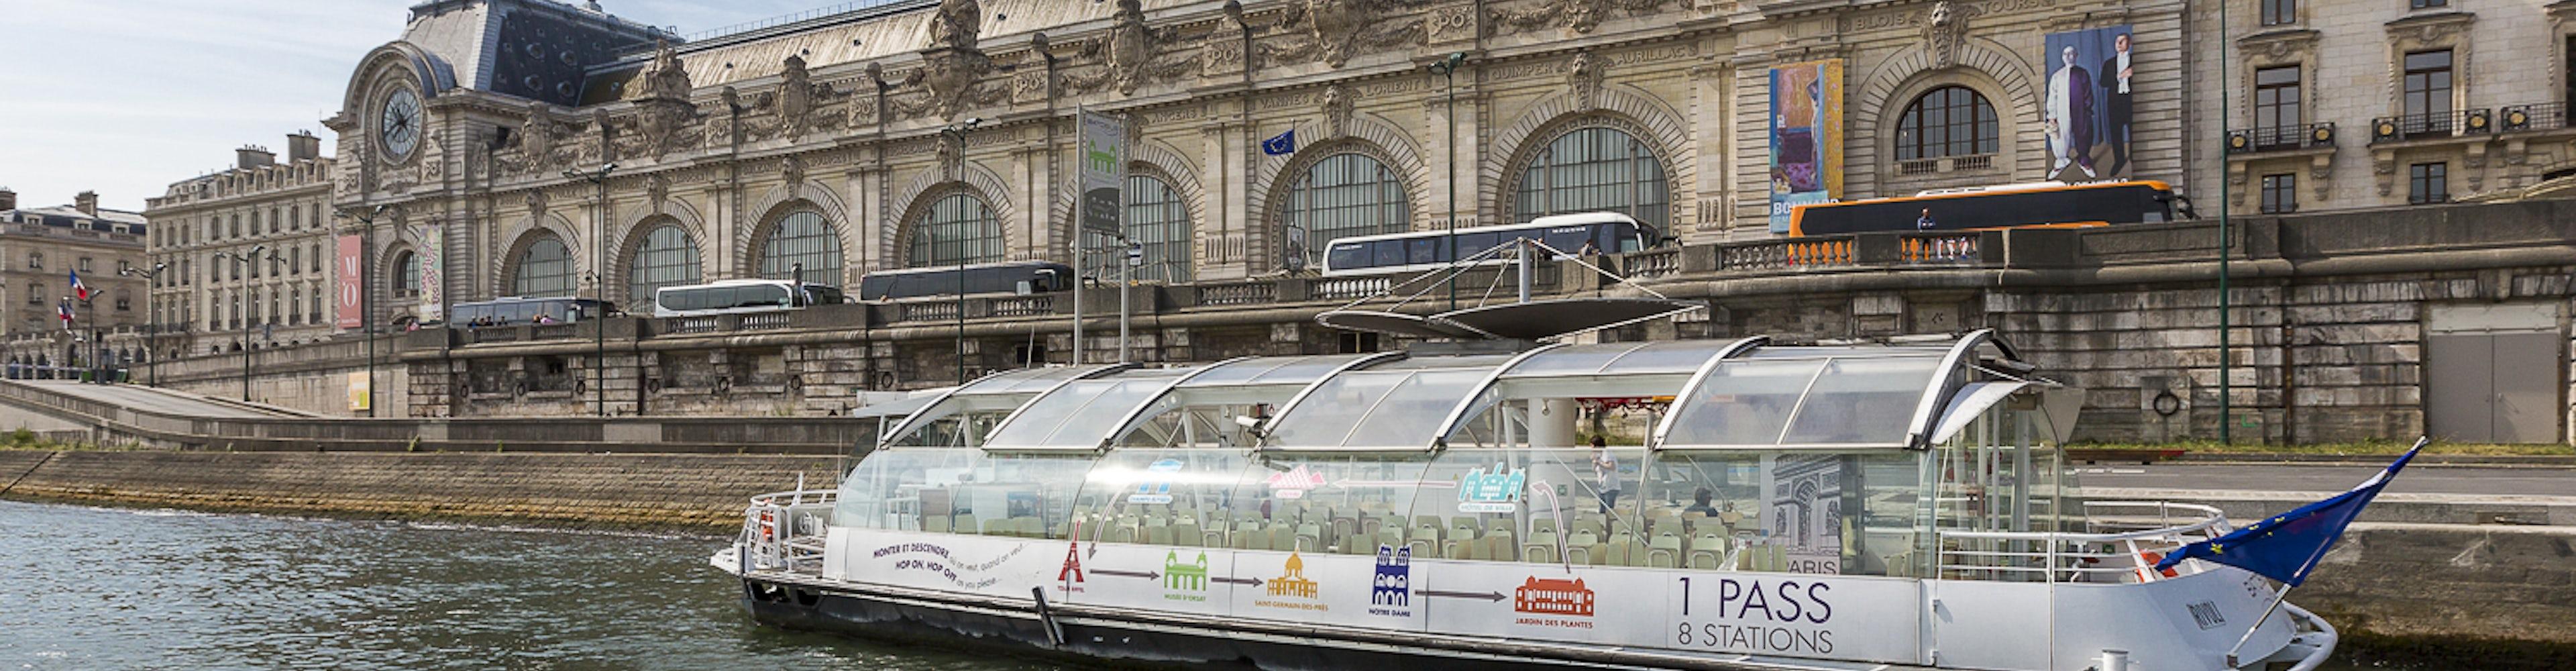 Batobus Paris - Paseo en Barco por el Río Sena con Paradas Ilimitadas